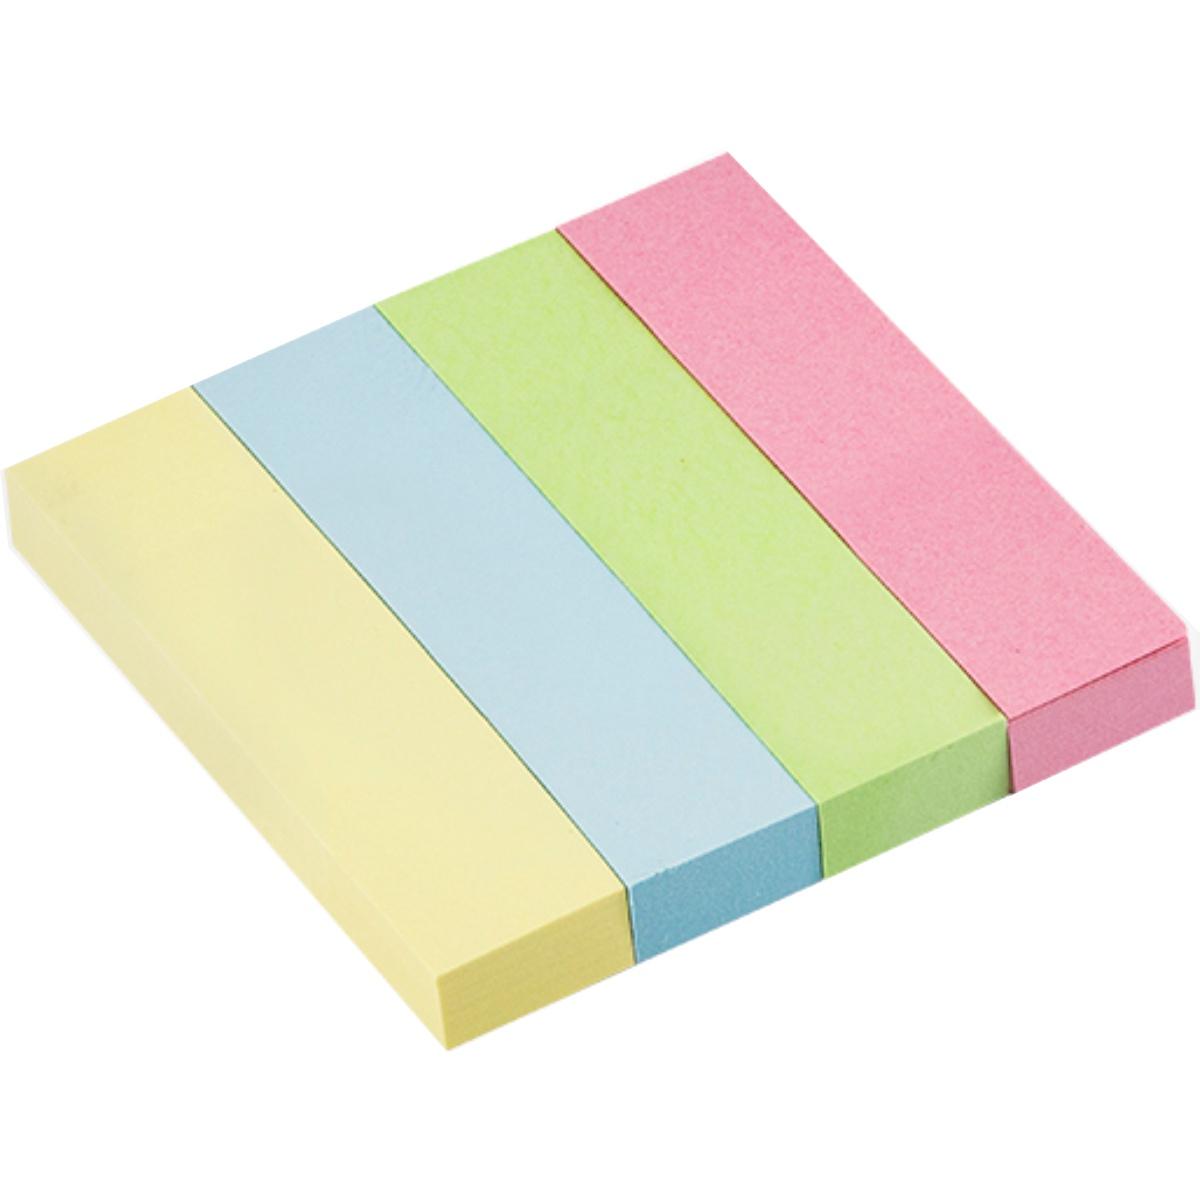 Marca Página Brw 19x76 Soul Pastel 4 Blocos Com 100 Folhas Cada